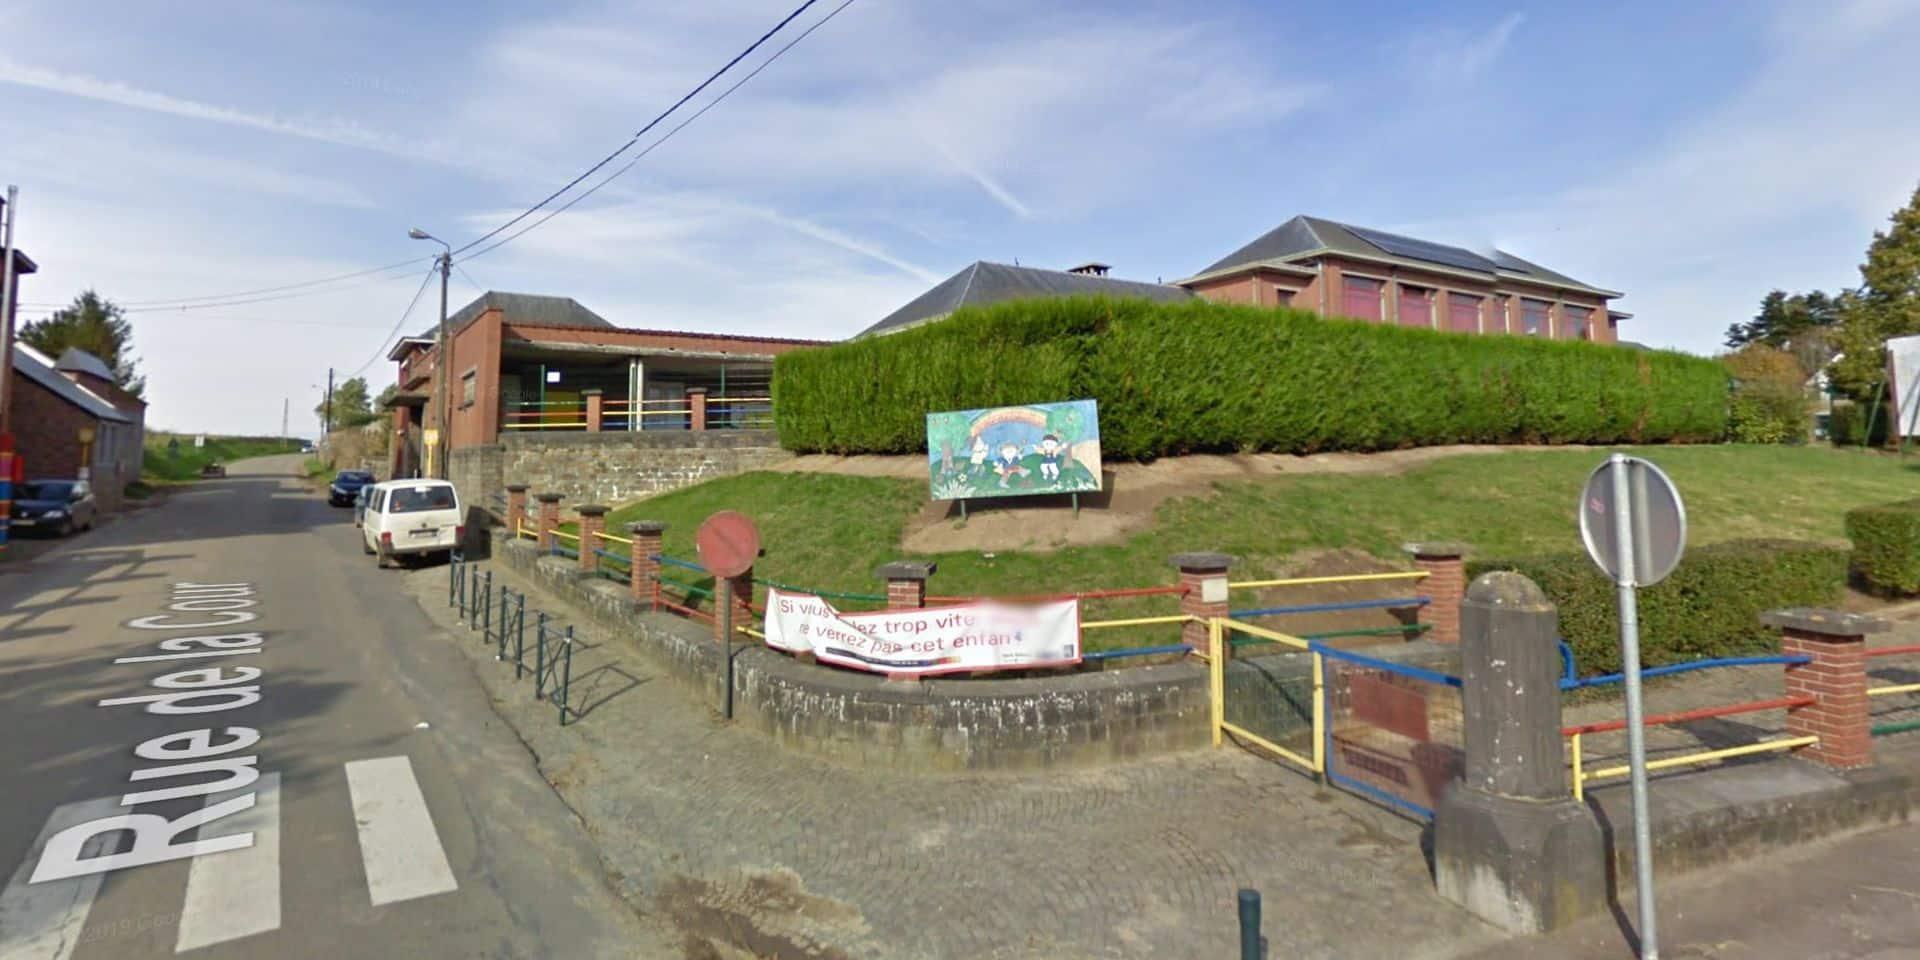 La cour de l'école communale de Thuillies aménagée pour les plantes et les oiseaux